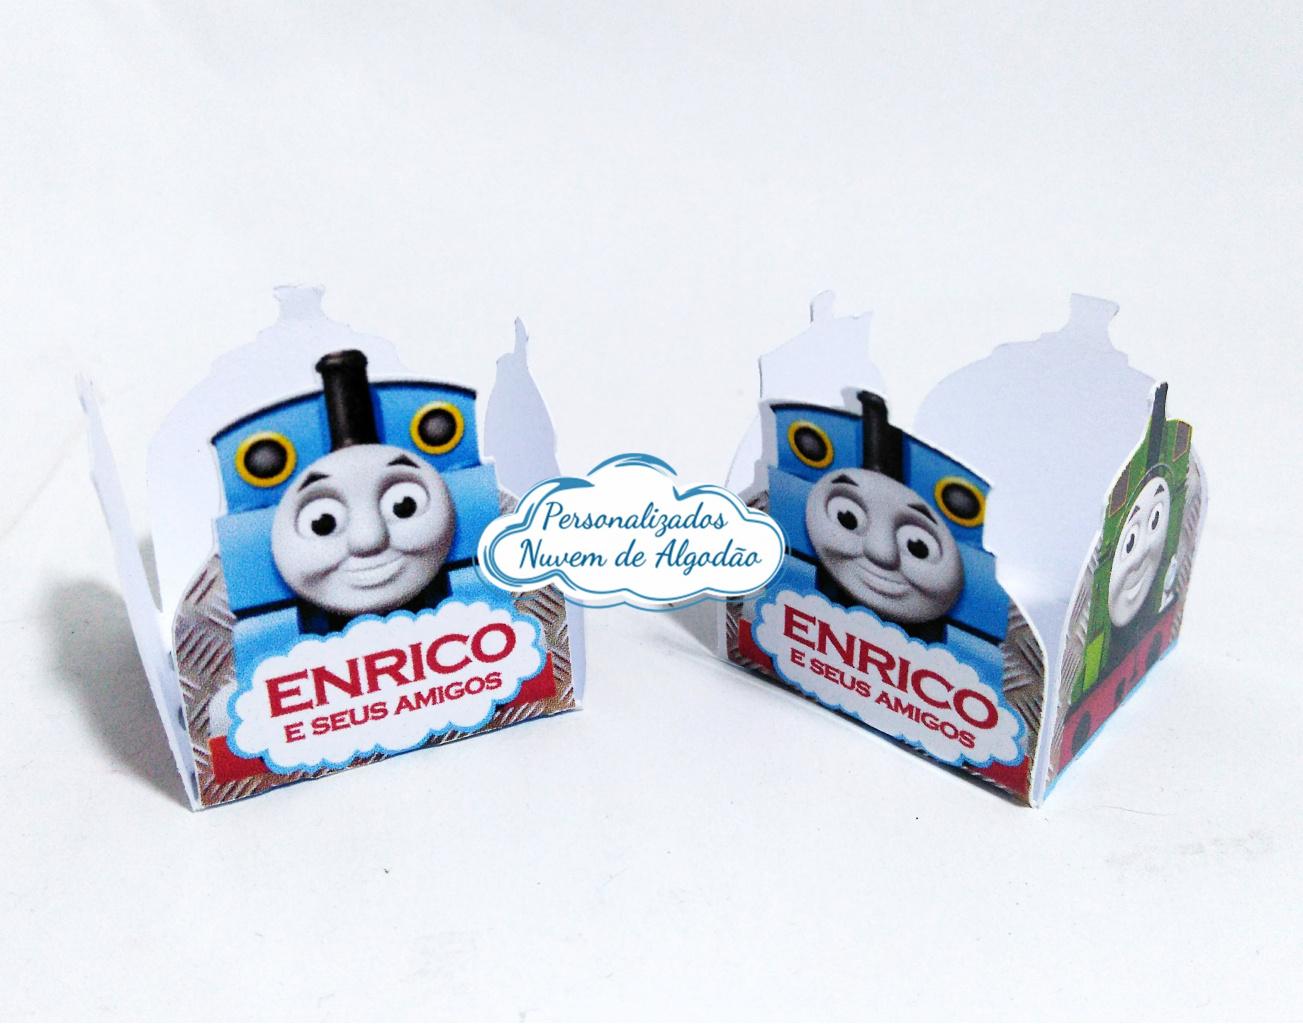 Nuvem de algodão personalizados - Forminha Thomas e seus amigos